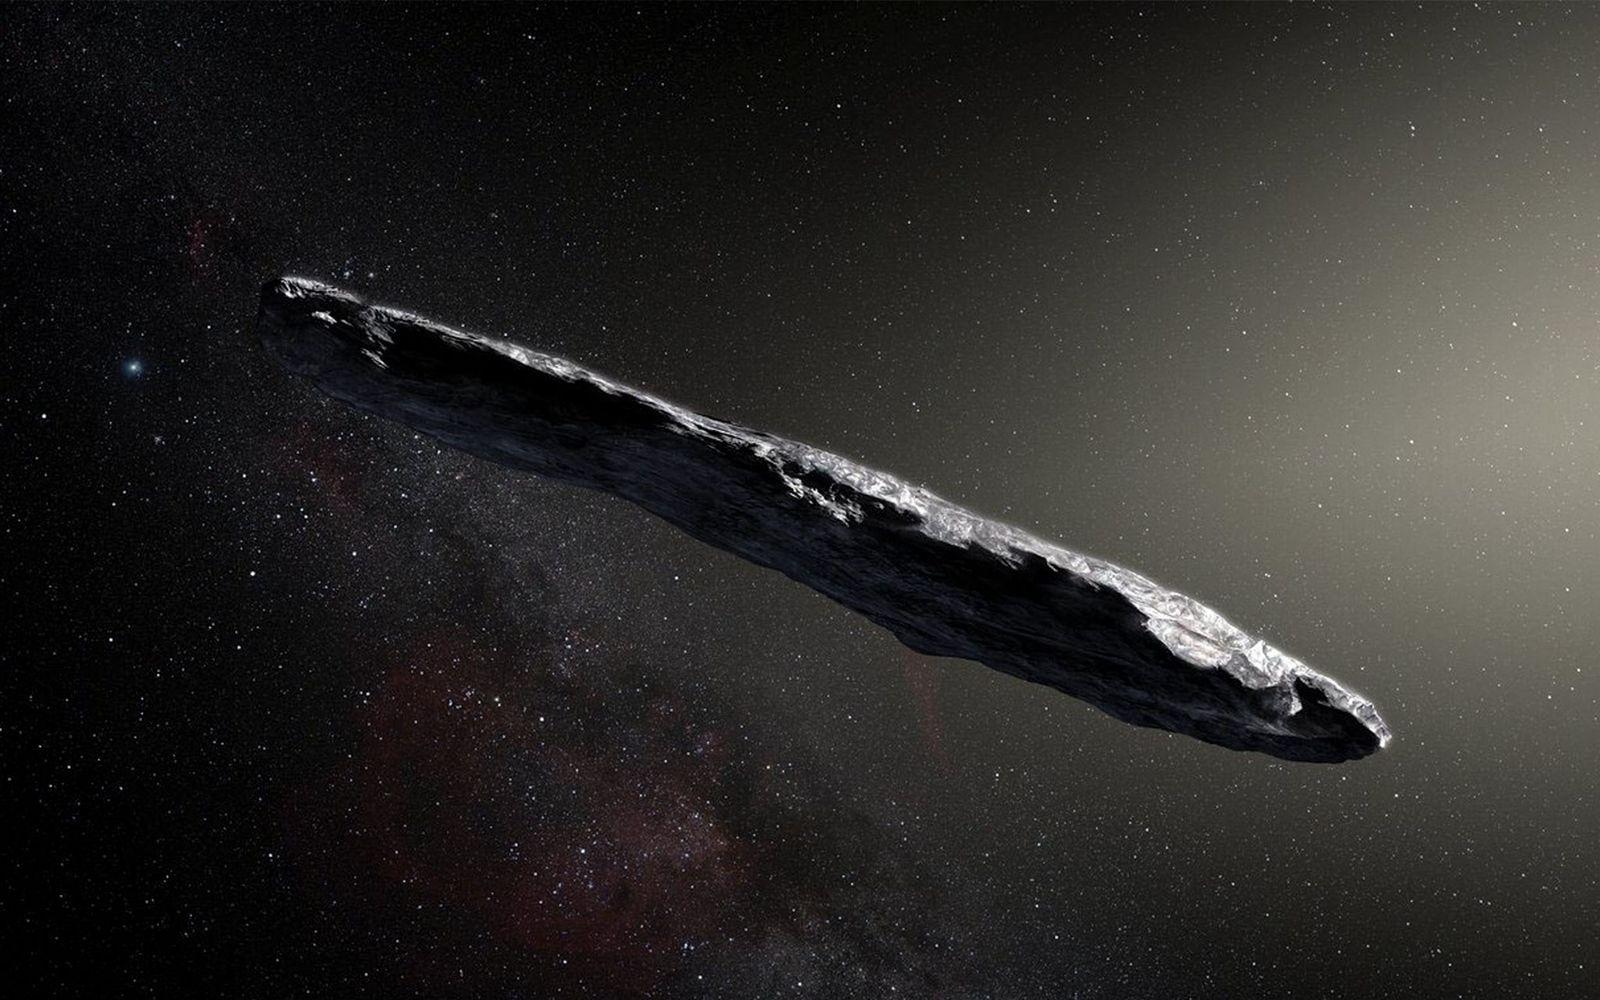 L'astéroïde interstellaire détecté en octobre a élu domicile près de Jupiter